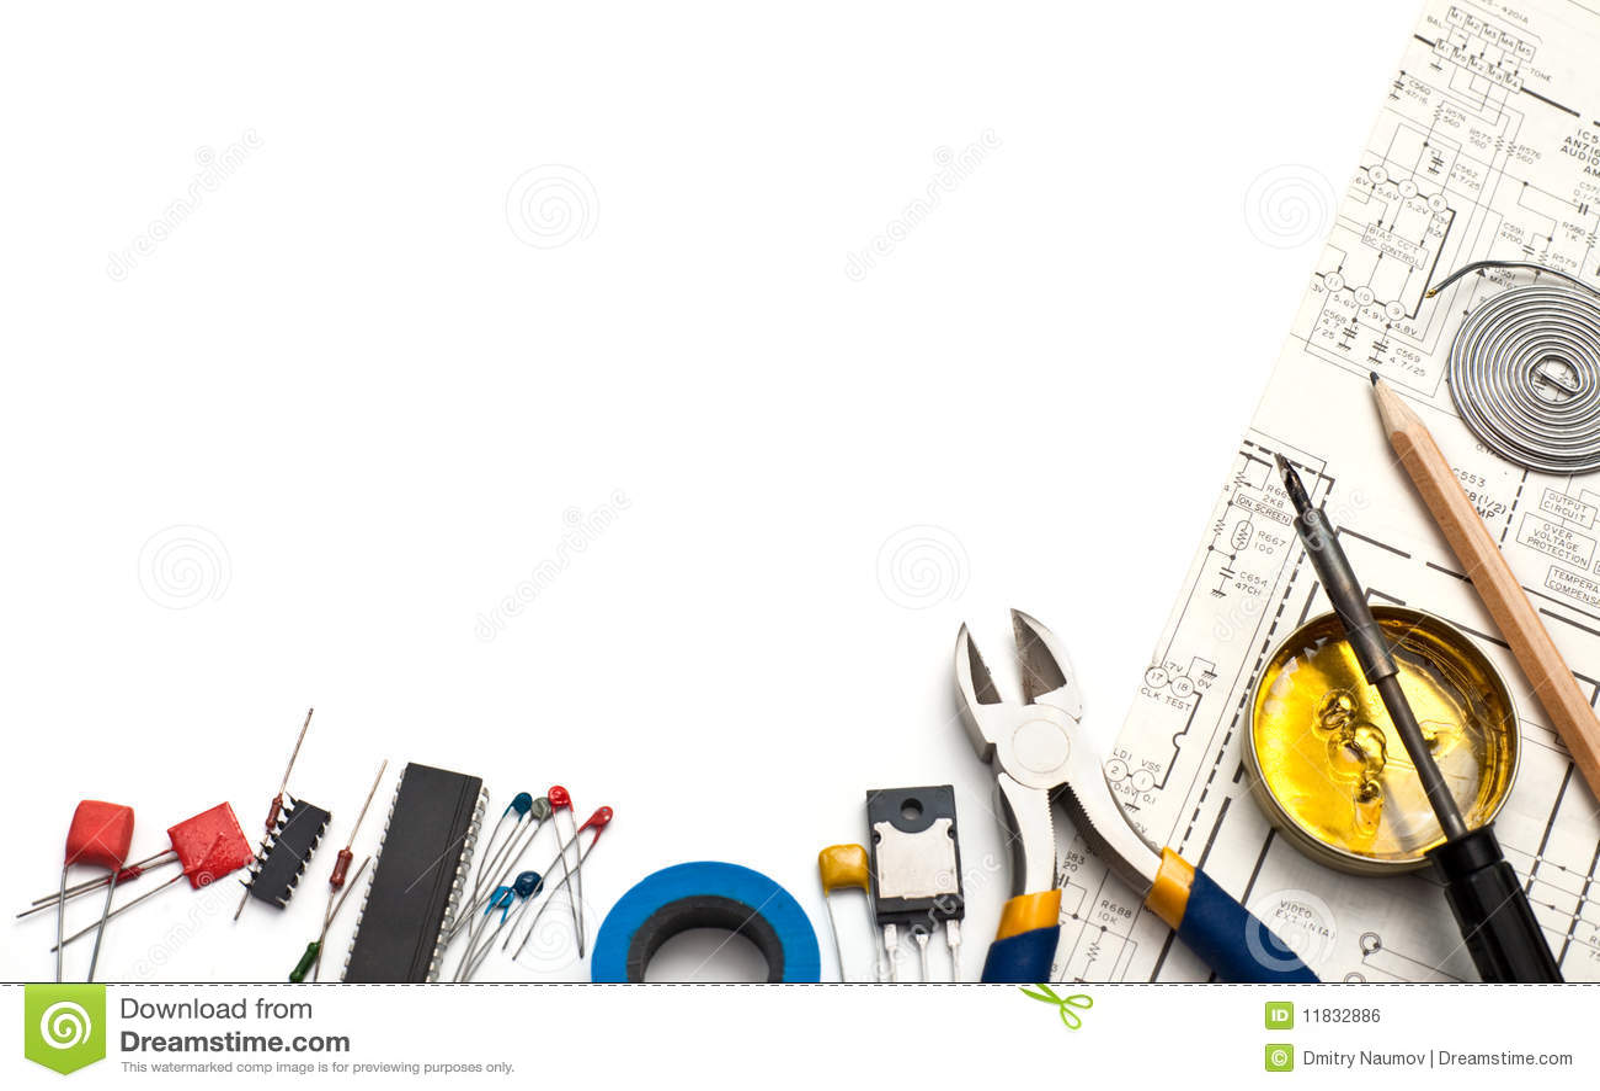 Electronics Background Stock Photo Image Of Print